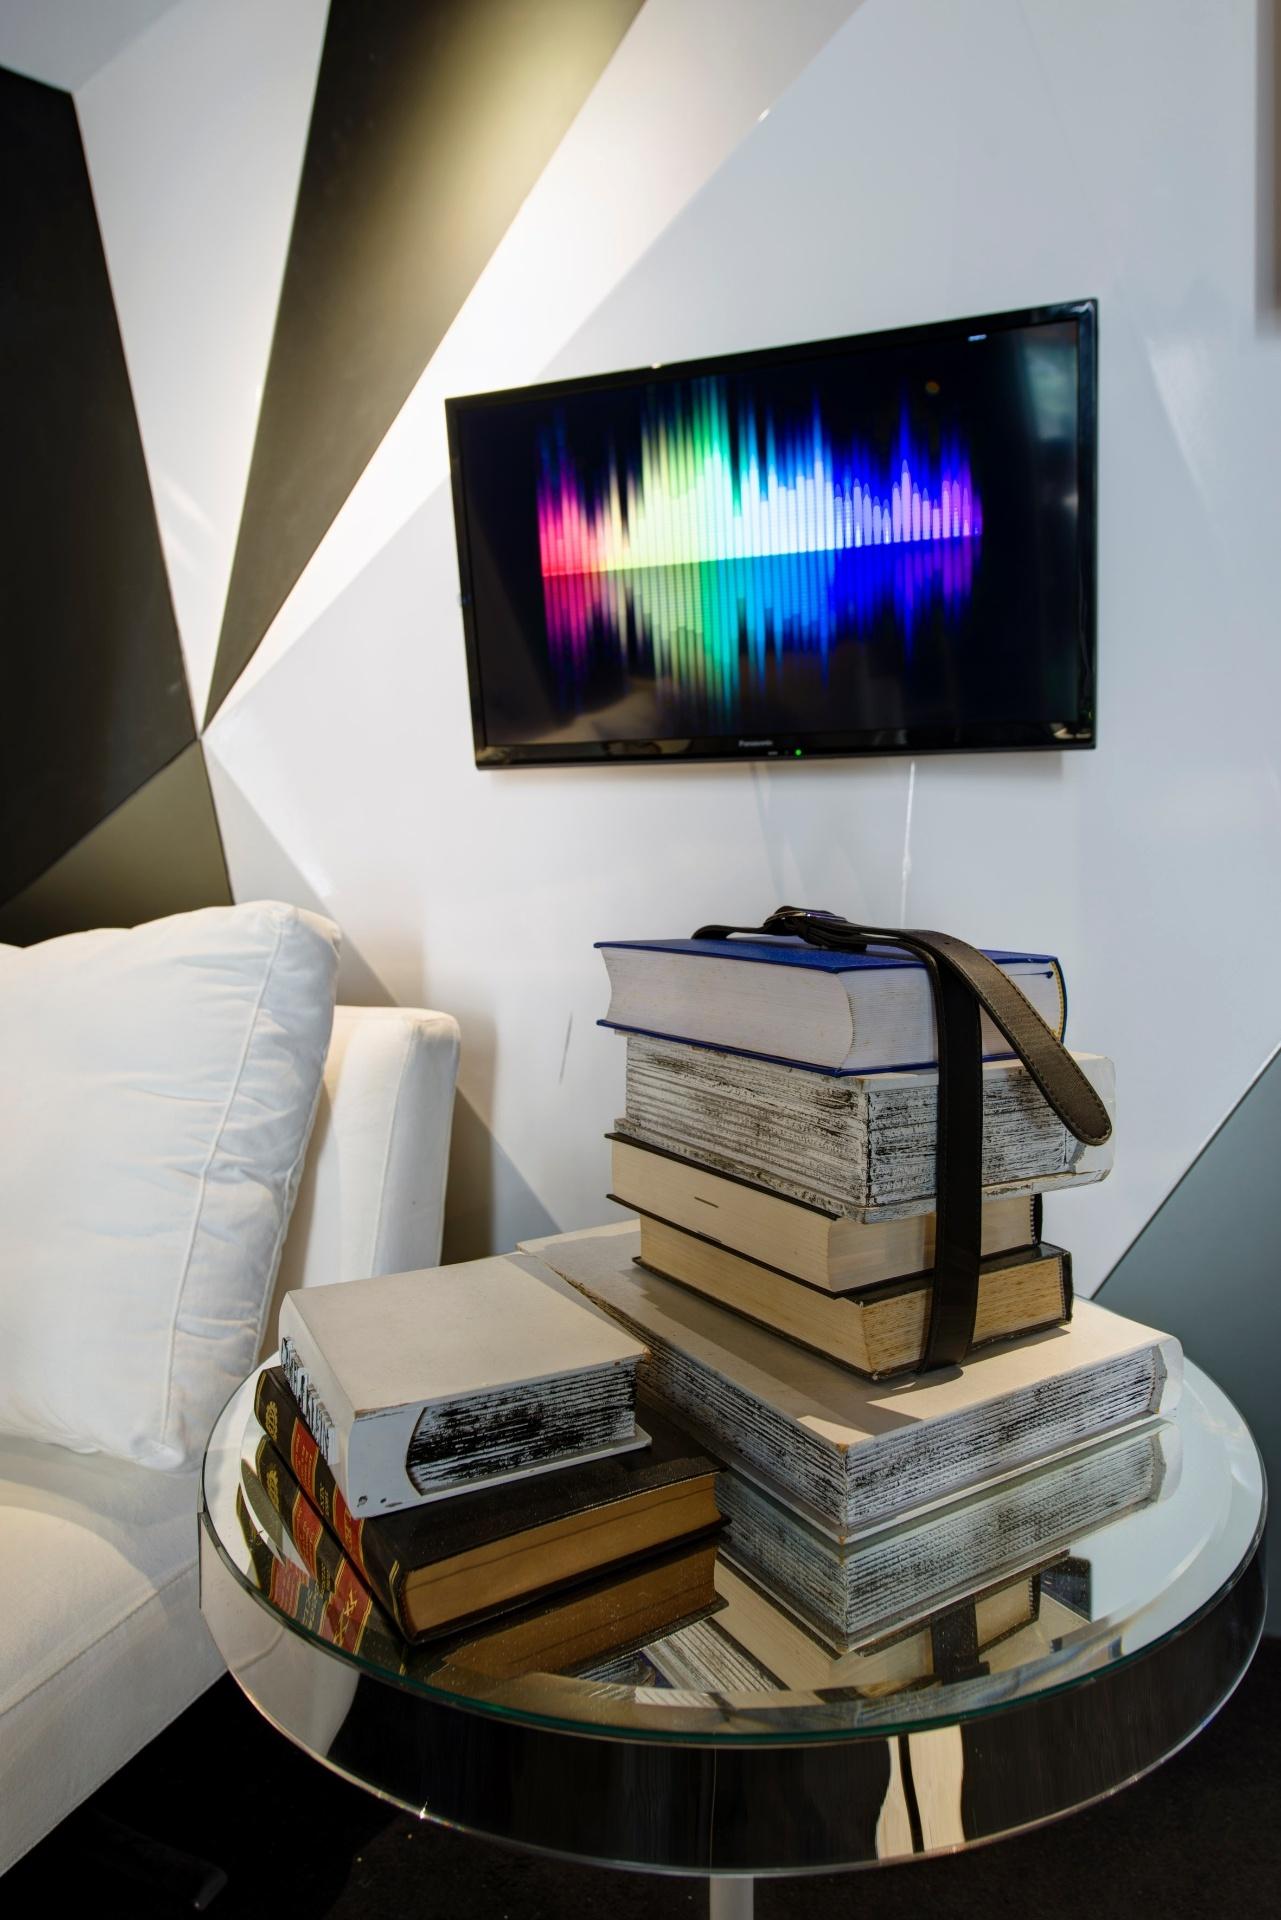 Livros como elemento decorativo - No Lounge Cosmopolita, Camila Klein dispôs livros sobre a mesa lateral. Para dar um toque despojado, um cinto contorna e prende uma das pilhas